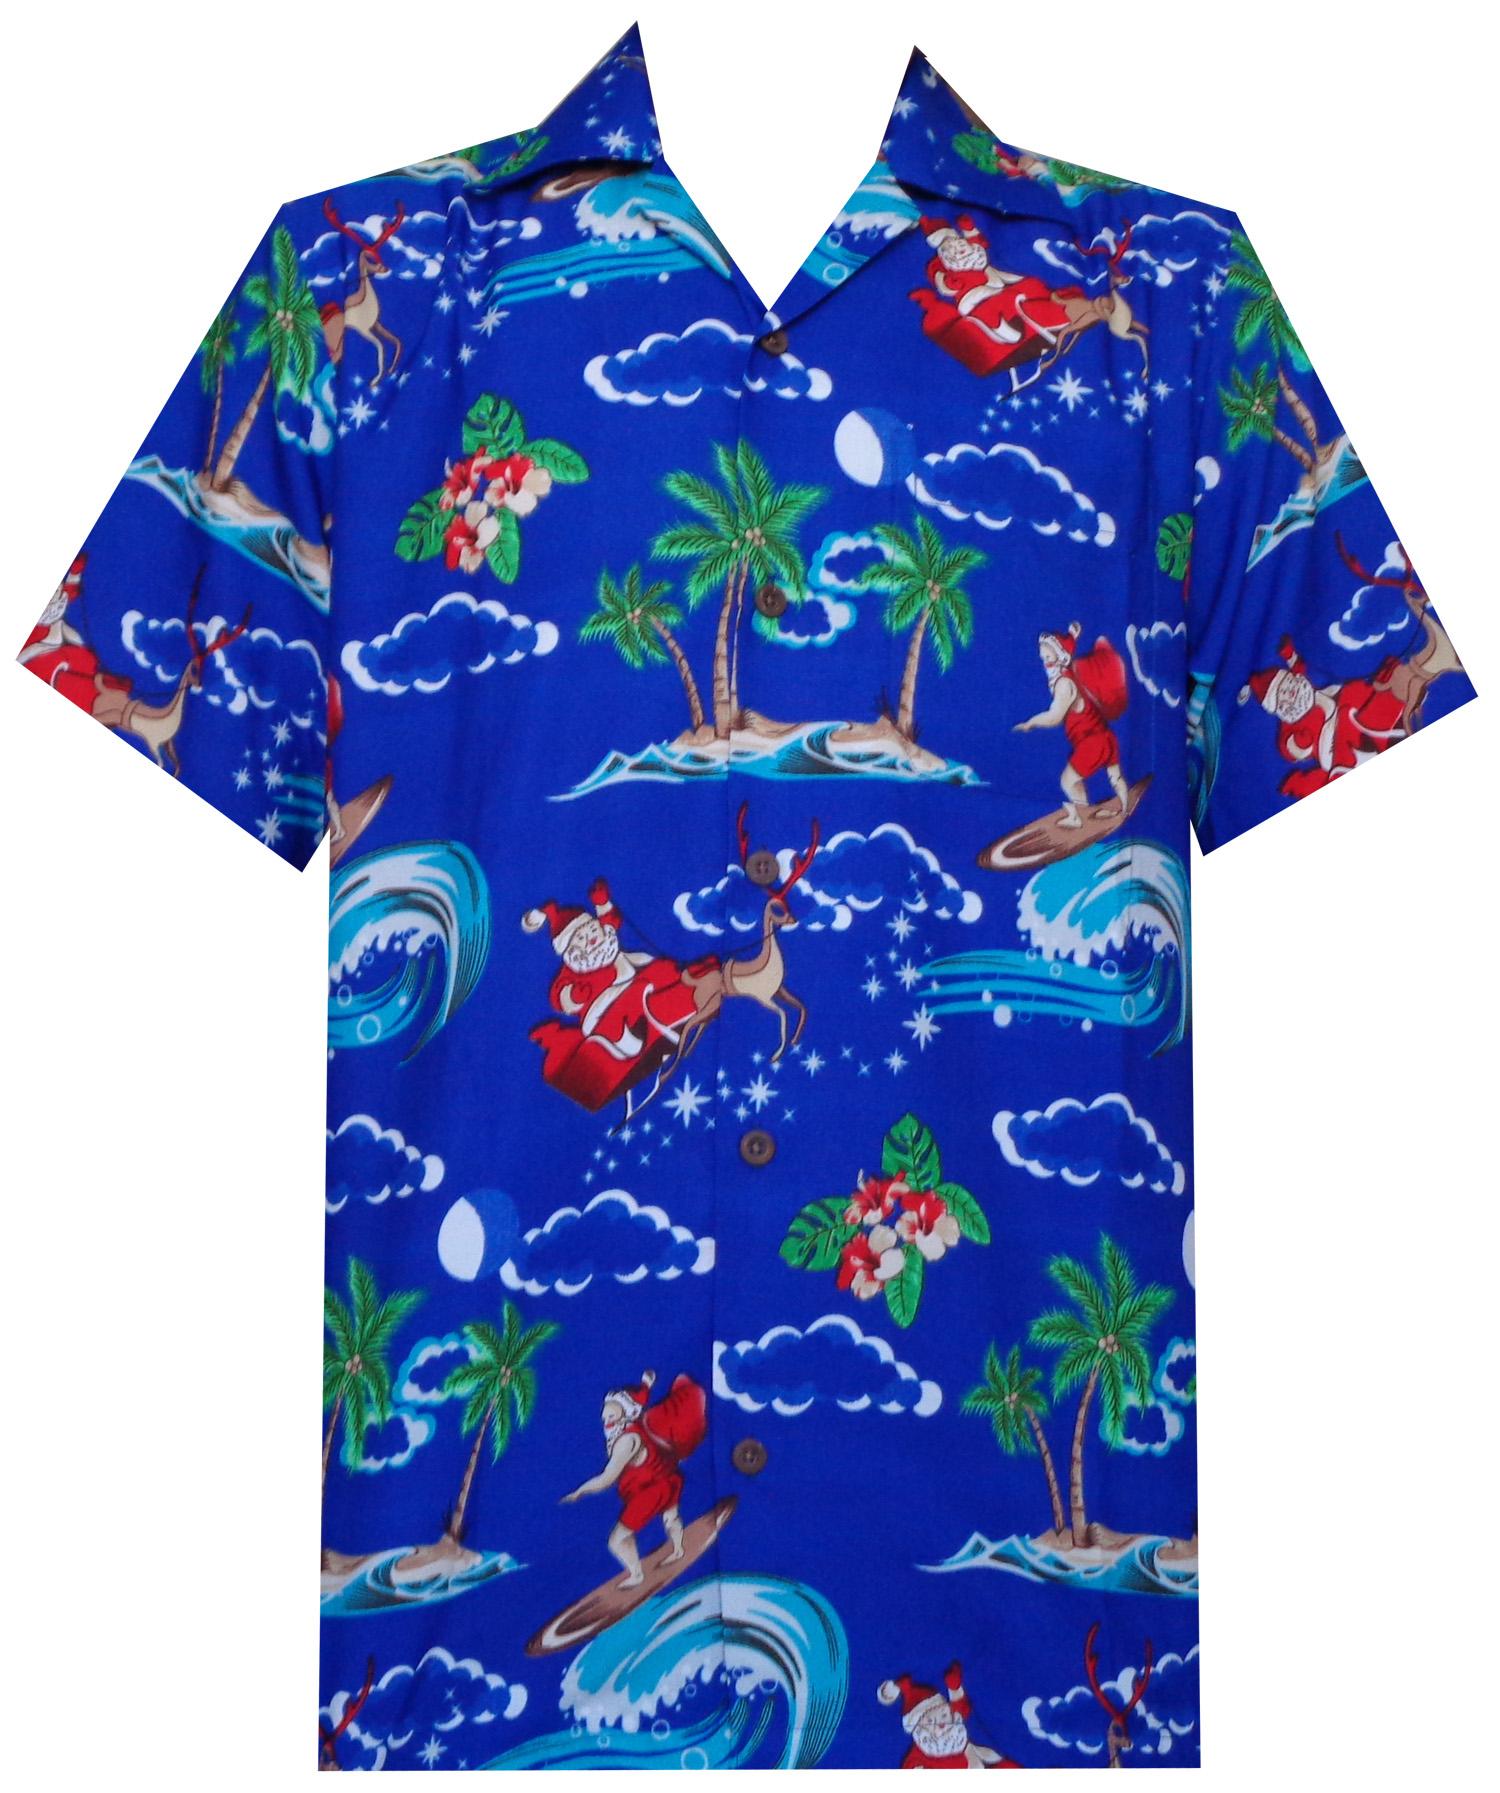 Hawaiian shirt mens christmas santa claus party aloha for The hawaiian shirt company